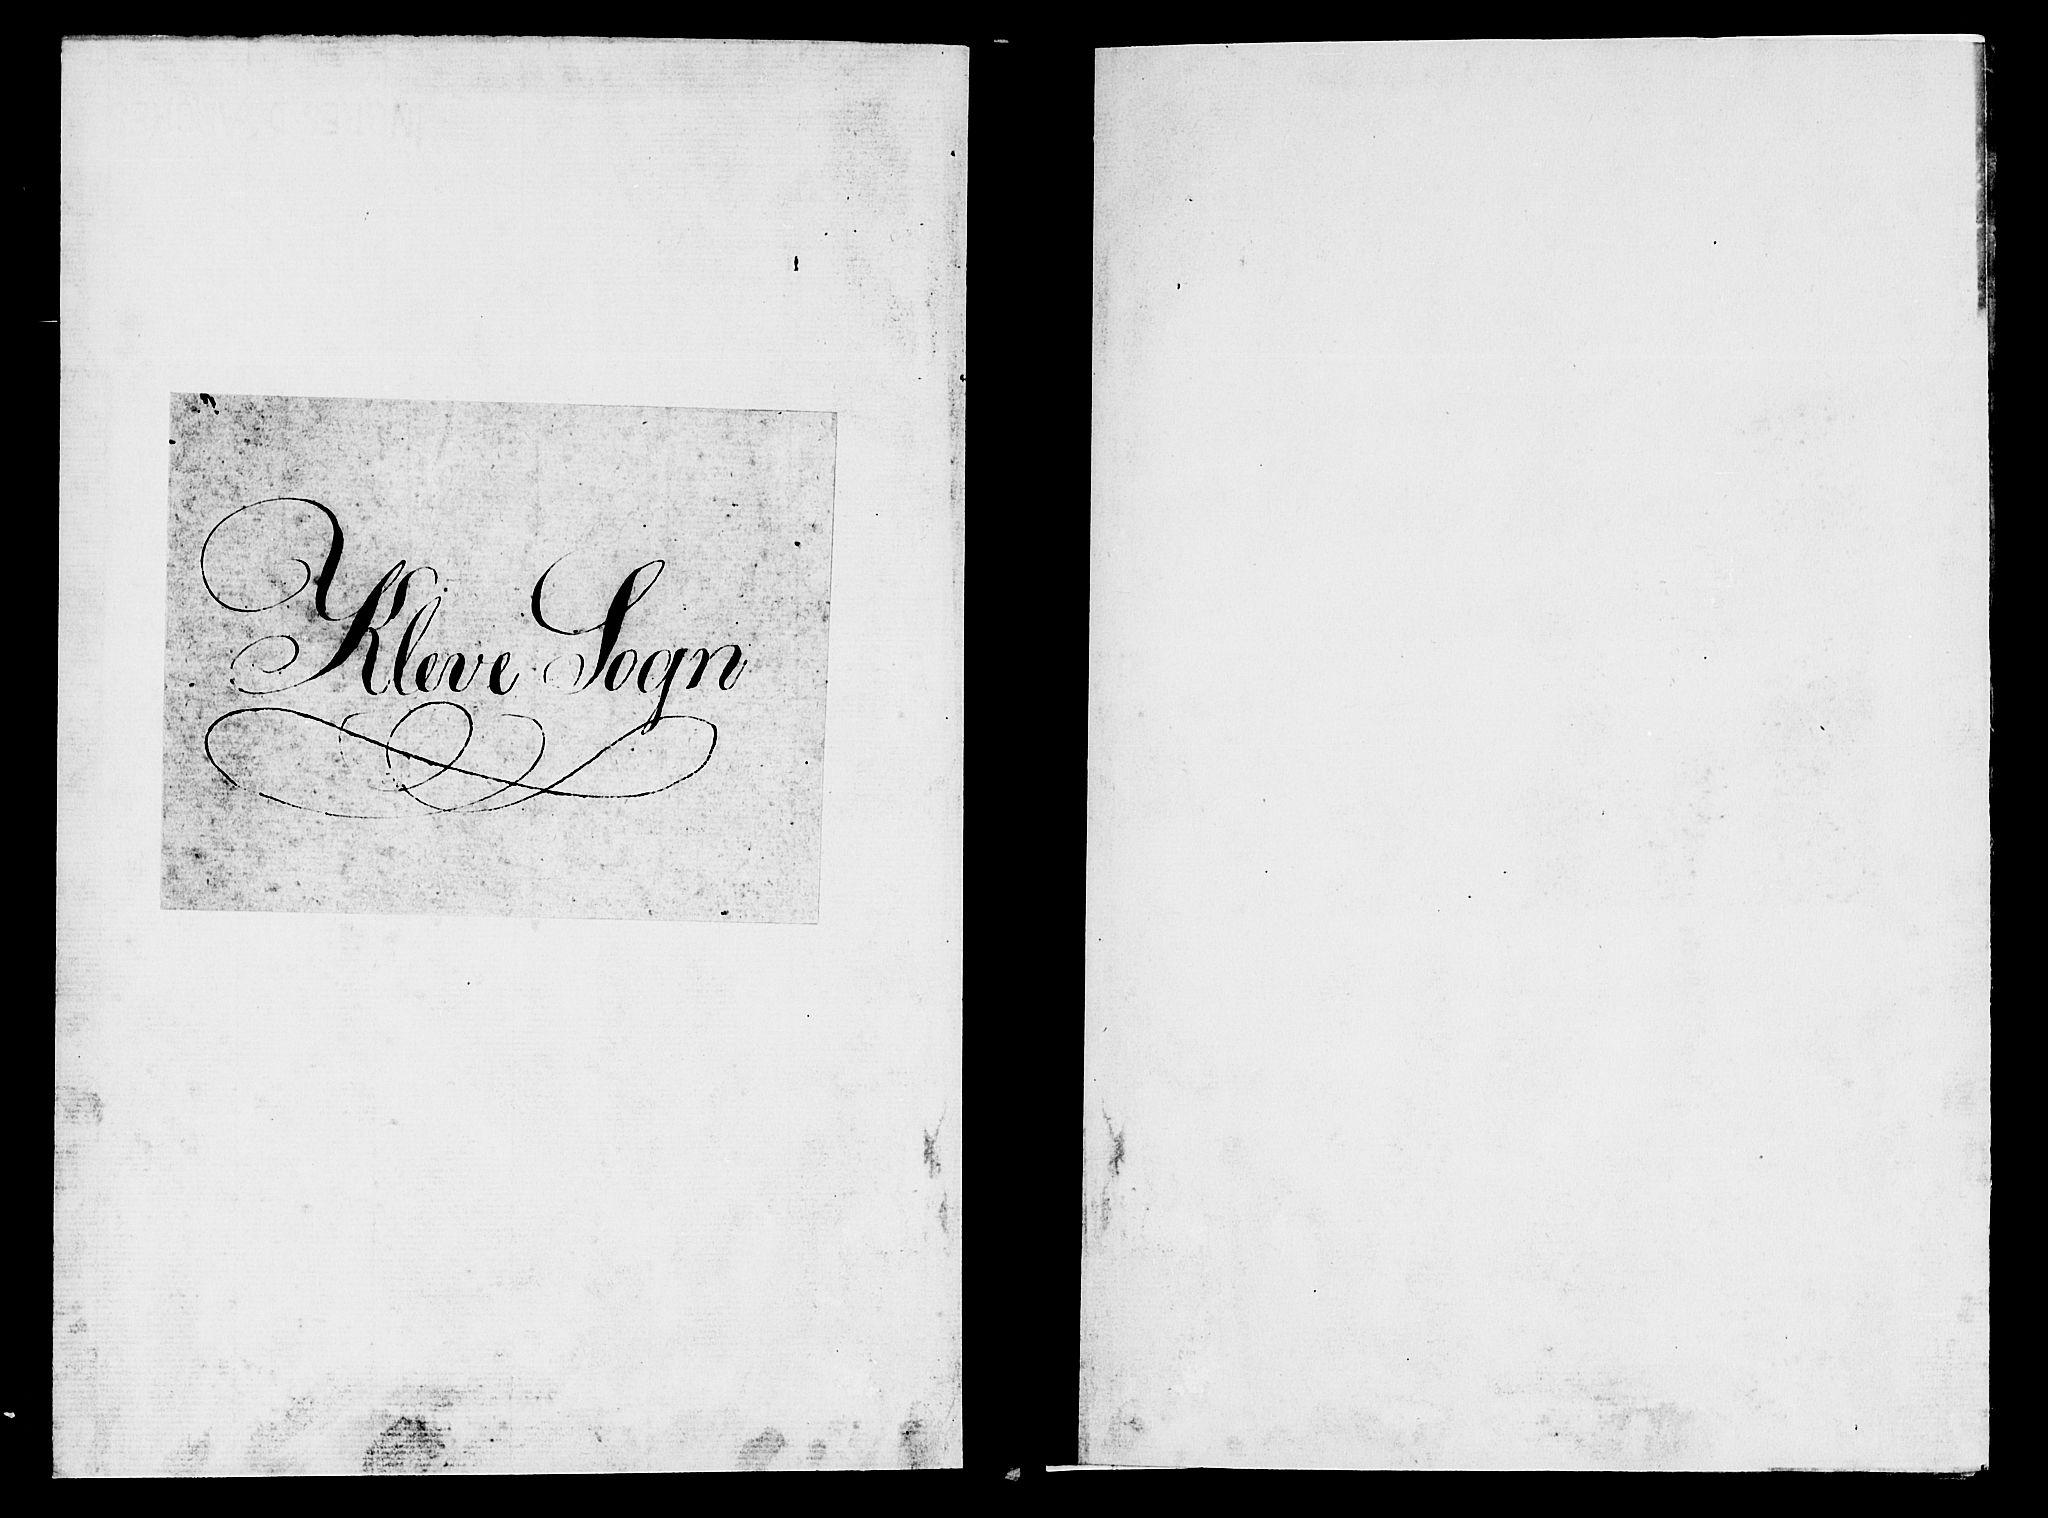 SAT, Ministerialprotokoller, klokkerbøker og fødselsregistre - Møre og Romsdal, 557/L0679: Ministerialbok nr. 557A01, 1818-1843